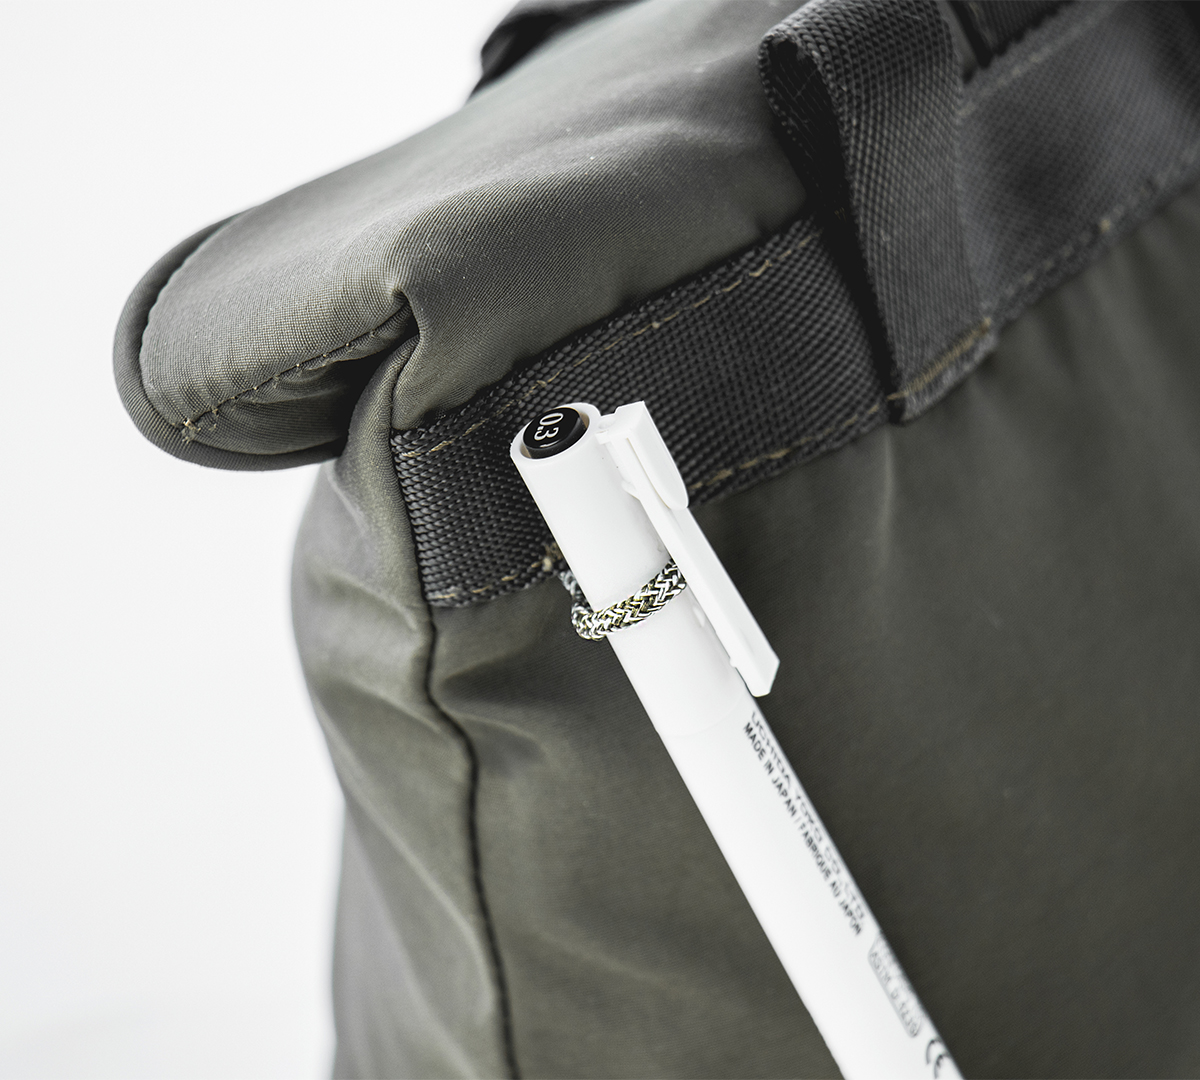 ペンや鍵を吊り下げられるループ付き、超軽量、動きを邪魔しない、荷重を分散、ミニマムデザインの4WAYウエストバッグ | Topologie